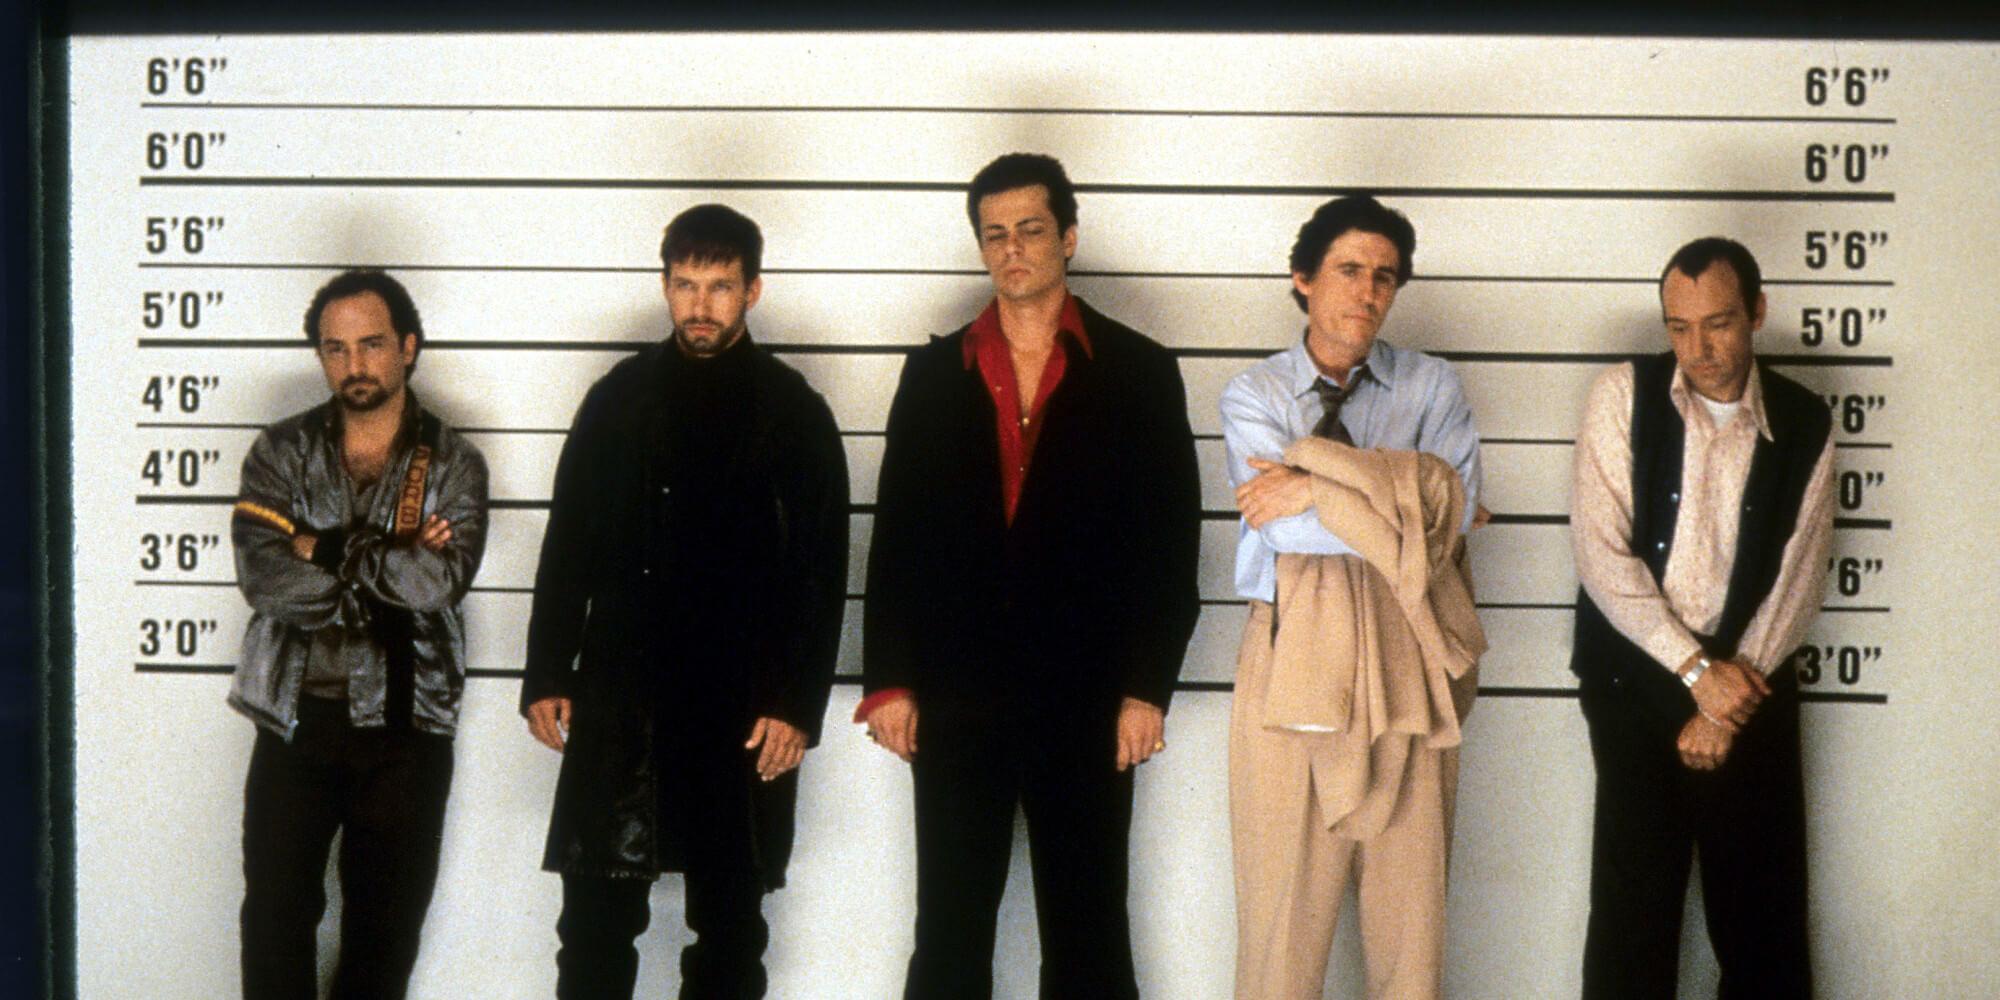 Может ли сон помочь очевидцам вспомнить лицо преступника?